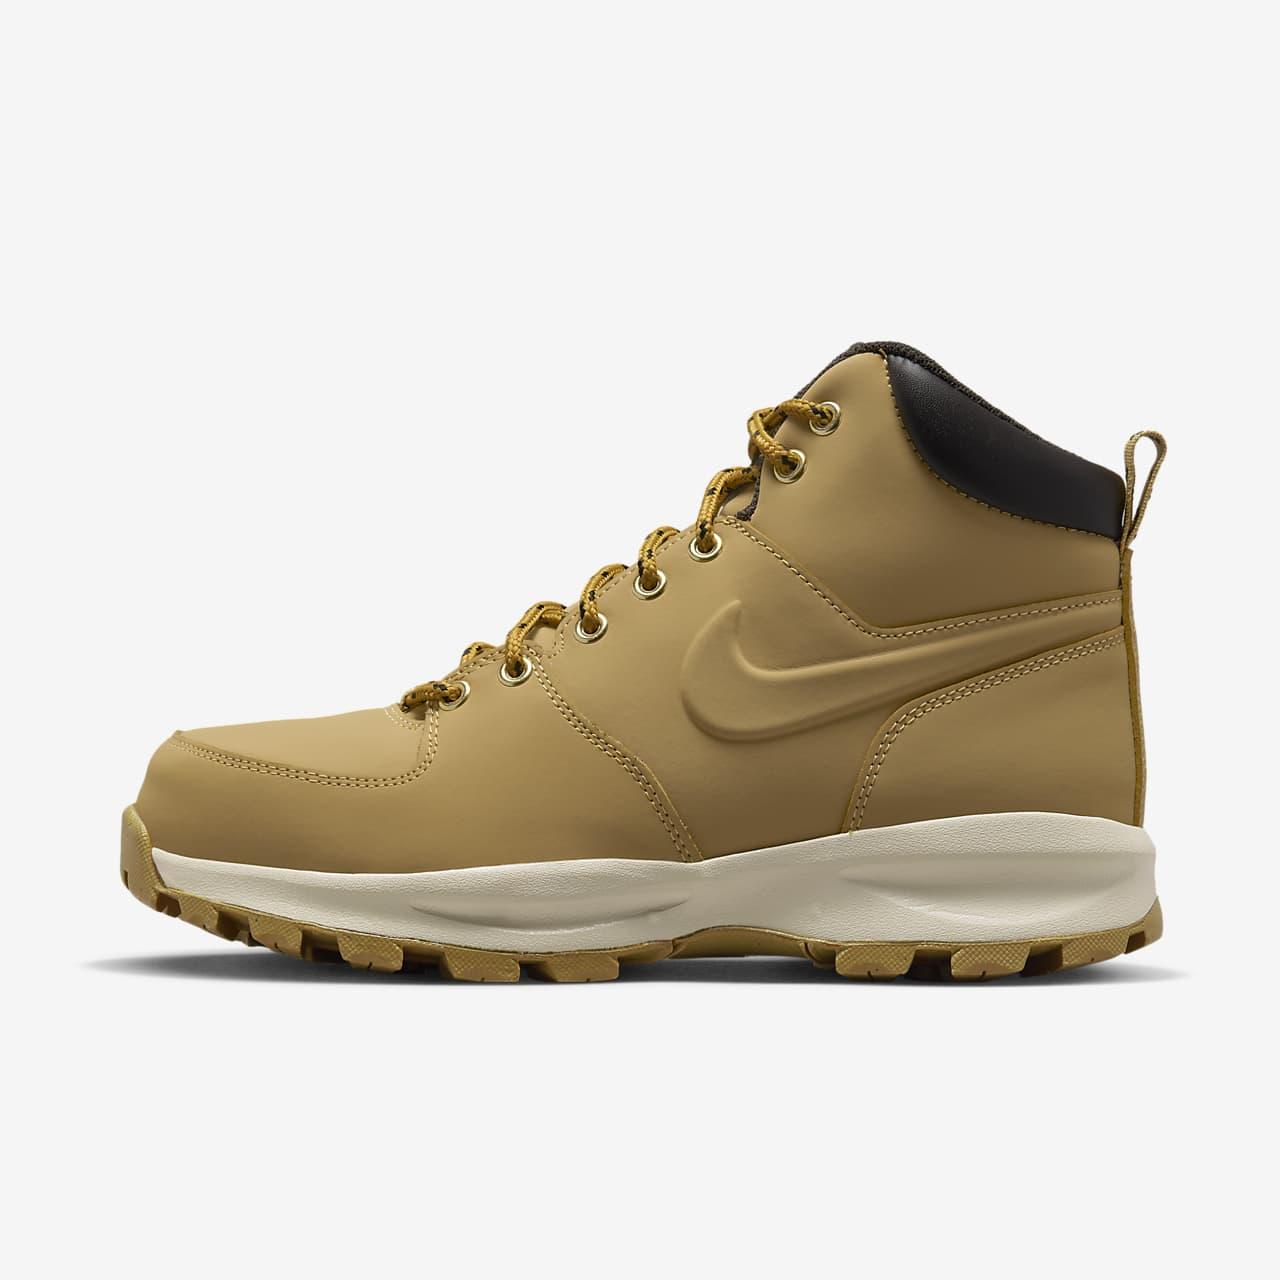 the best attitude c7b67 0df66 ... Nike Manoa - støvle til mænd